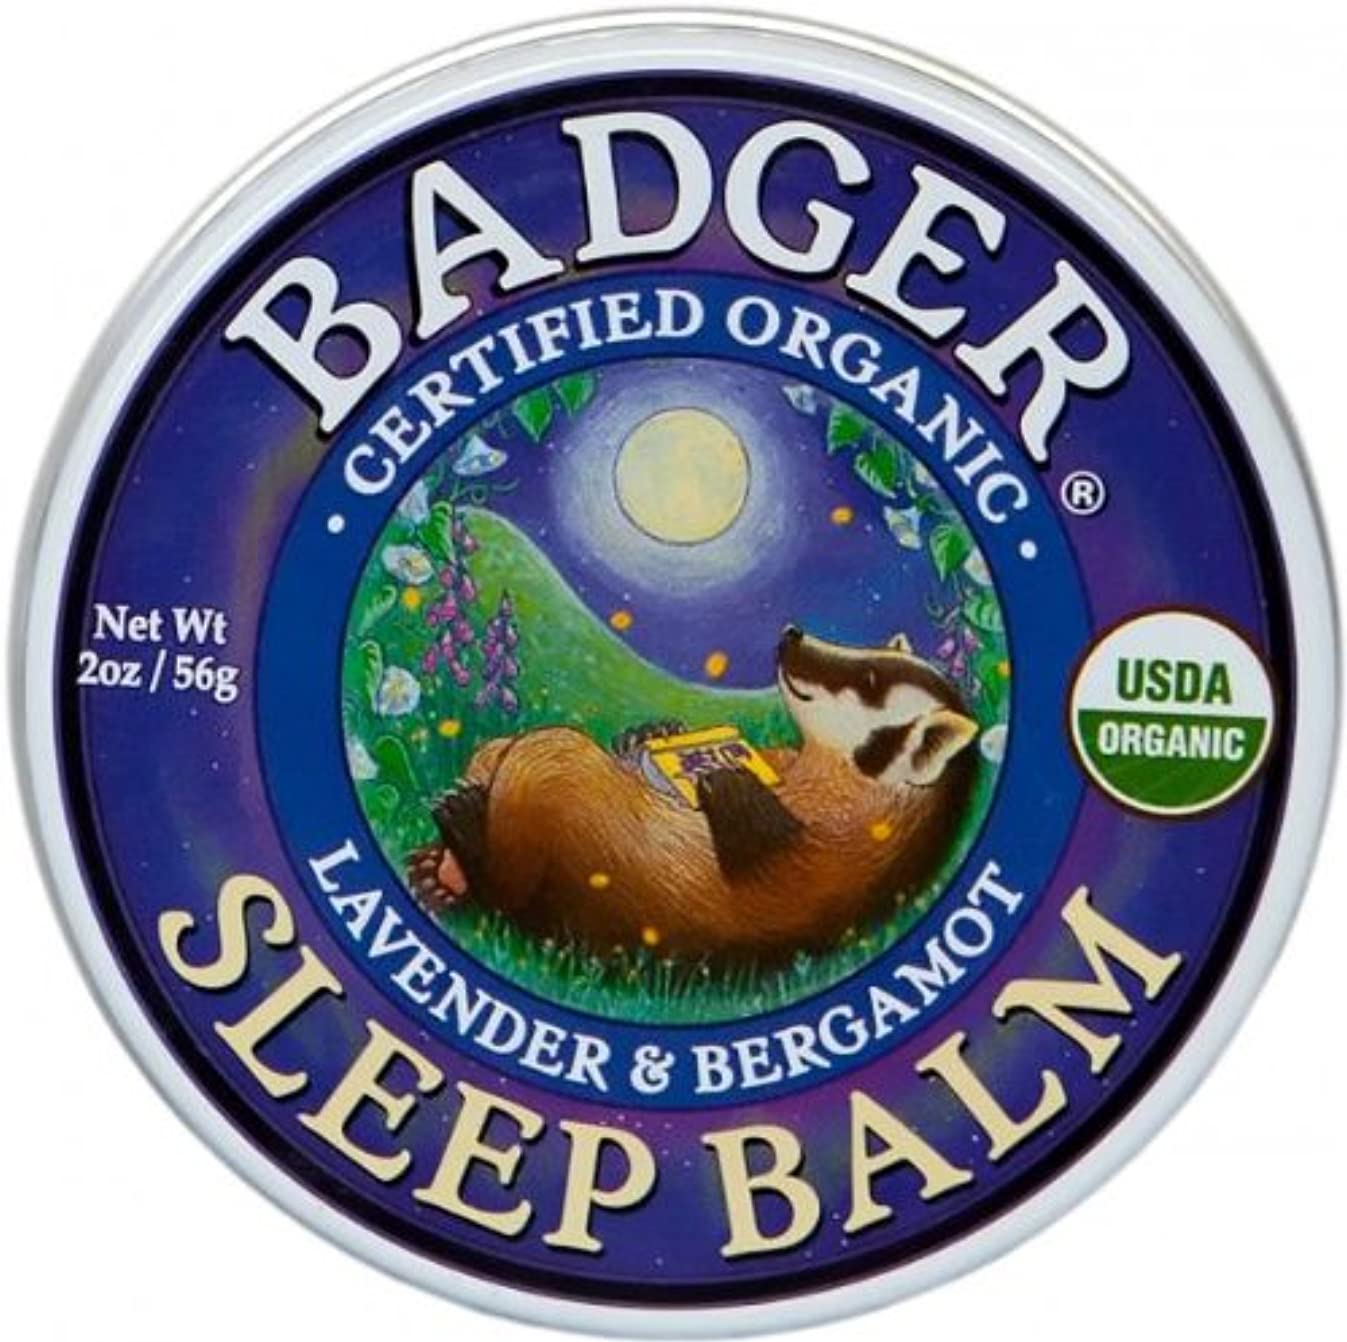 メインパドル辞書Badger バジャー オーガニック スリープバーム おやすみ前アロマクリーム【大サイズ】 56g【海外直送品】【並行輸入品】